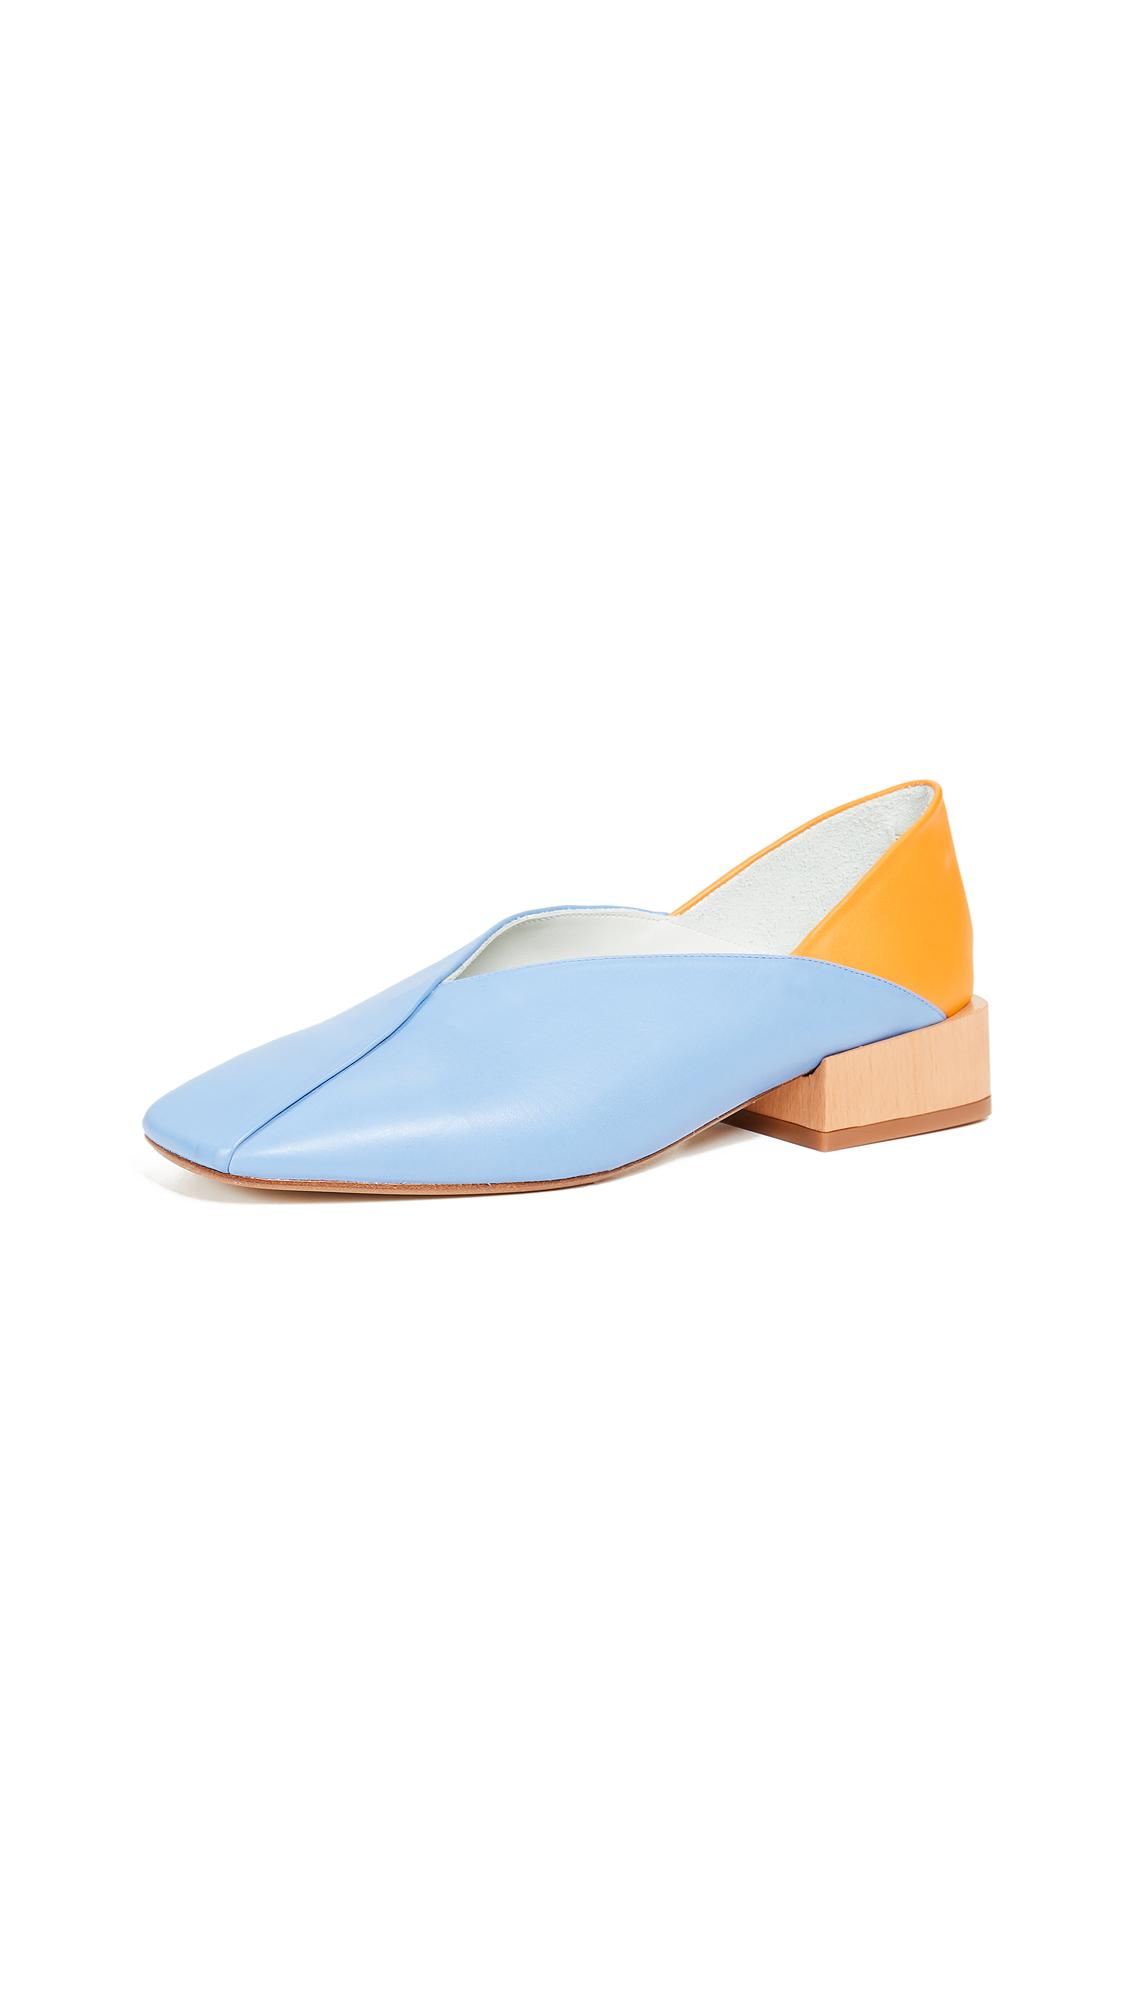 Miista Alma Flats - Cornflower Blue